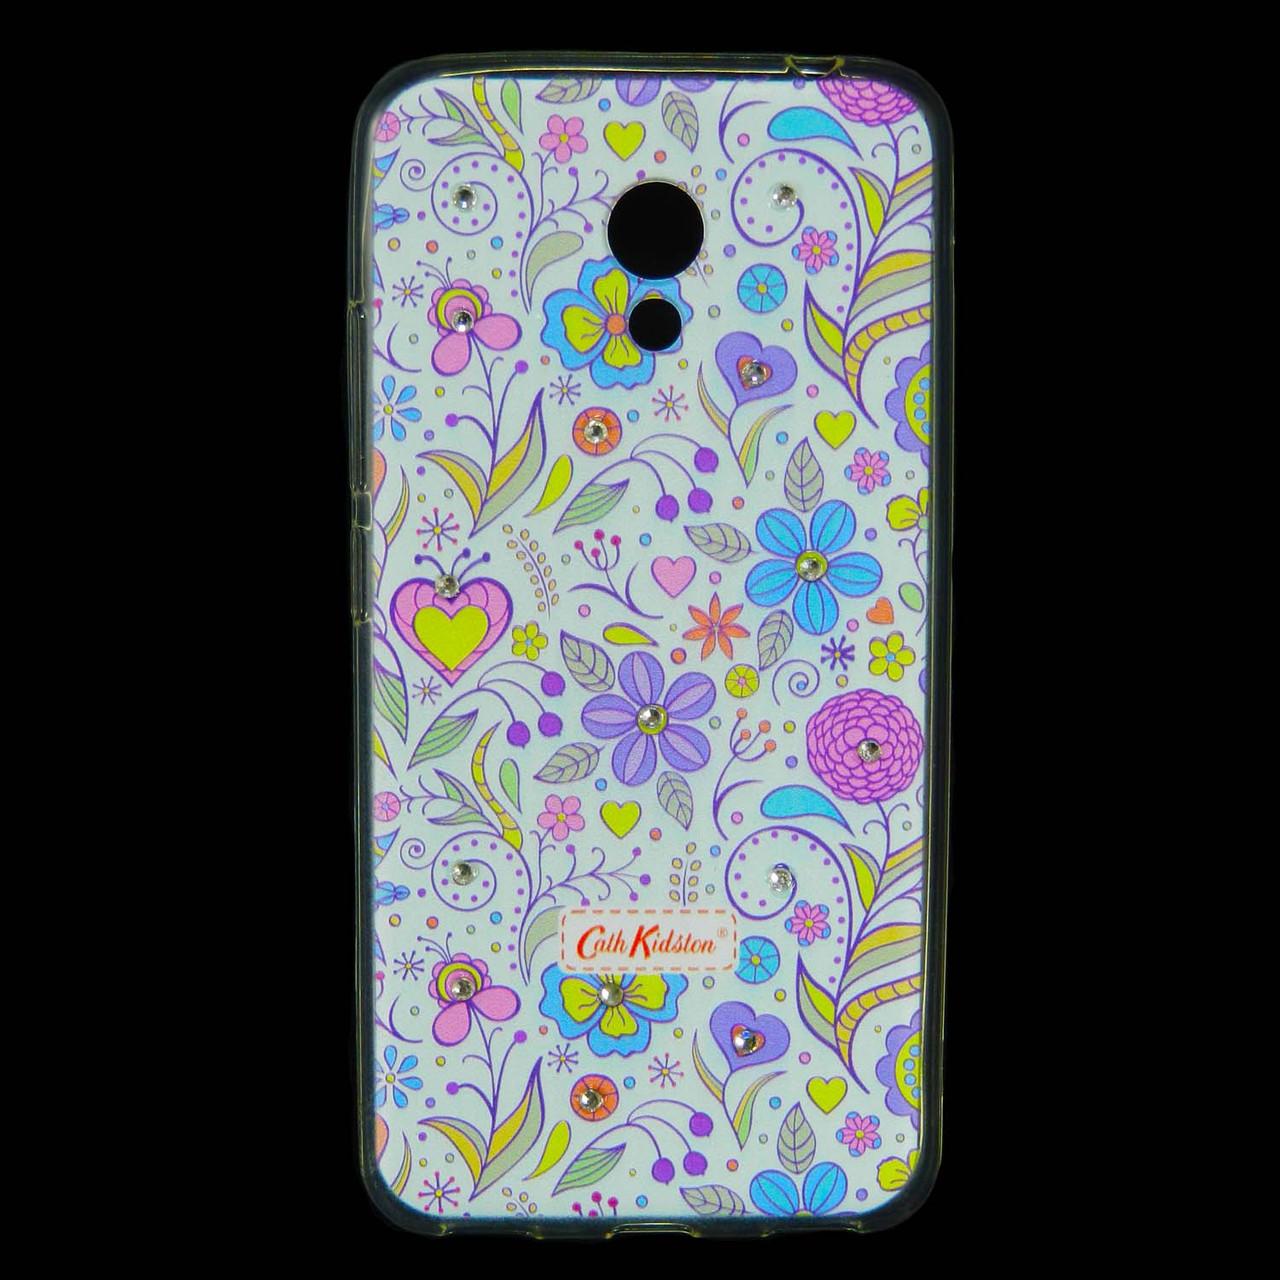 Чохол накладка для Meizu M5c силіконовий Diamond Cath Kidston, Квіткова фантазія